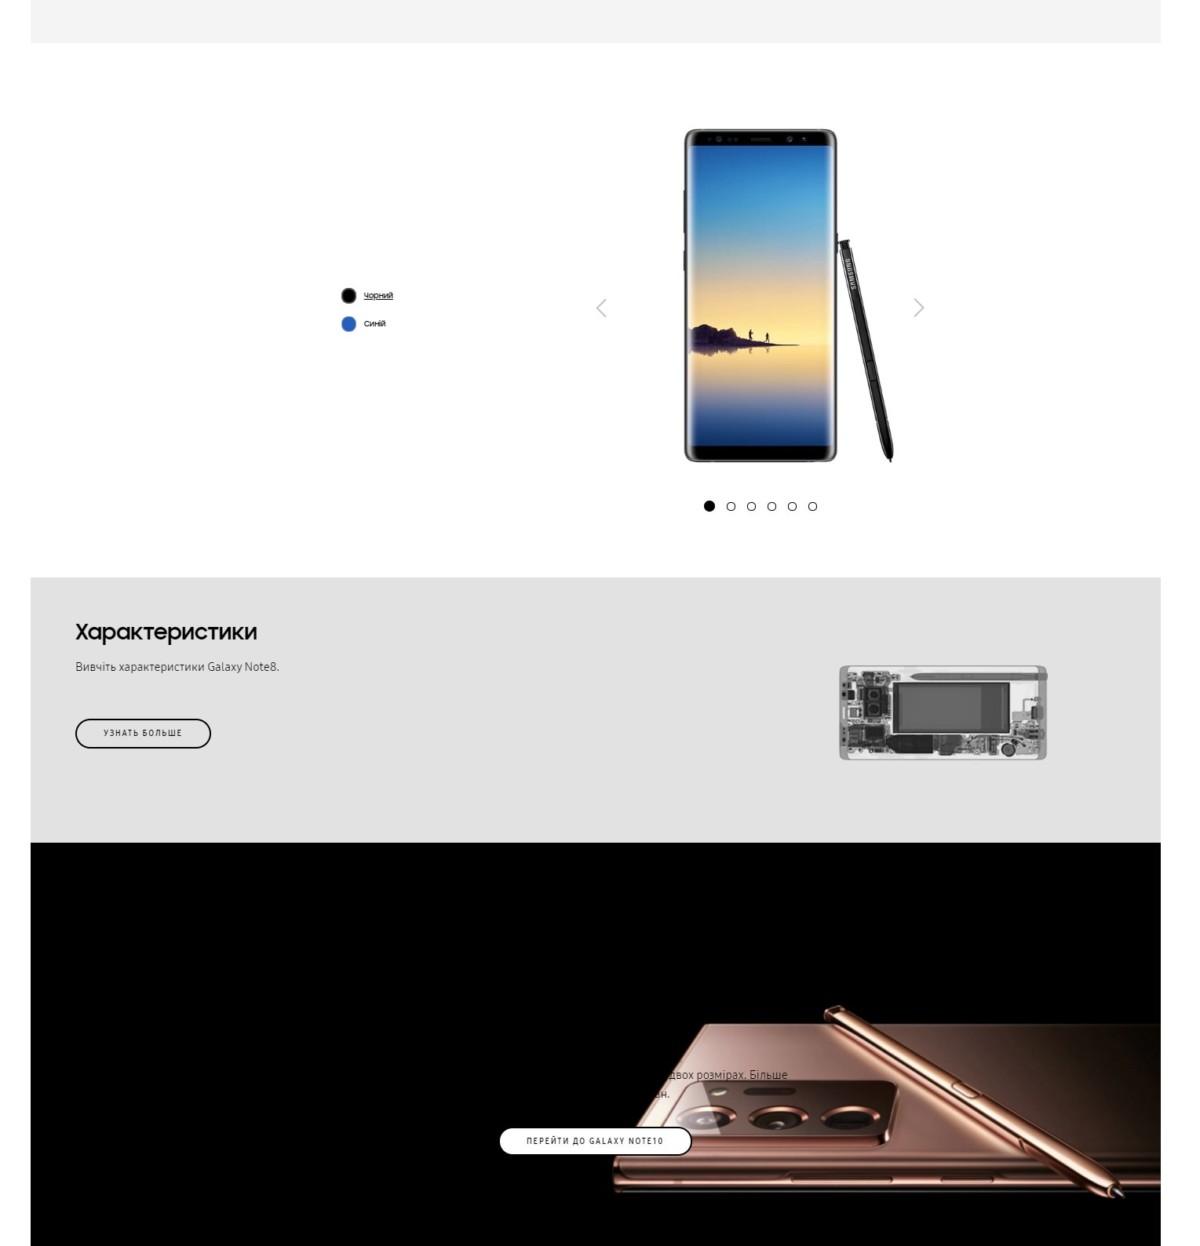 Capture d'écran de la page officielle du Galaxy Note8